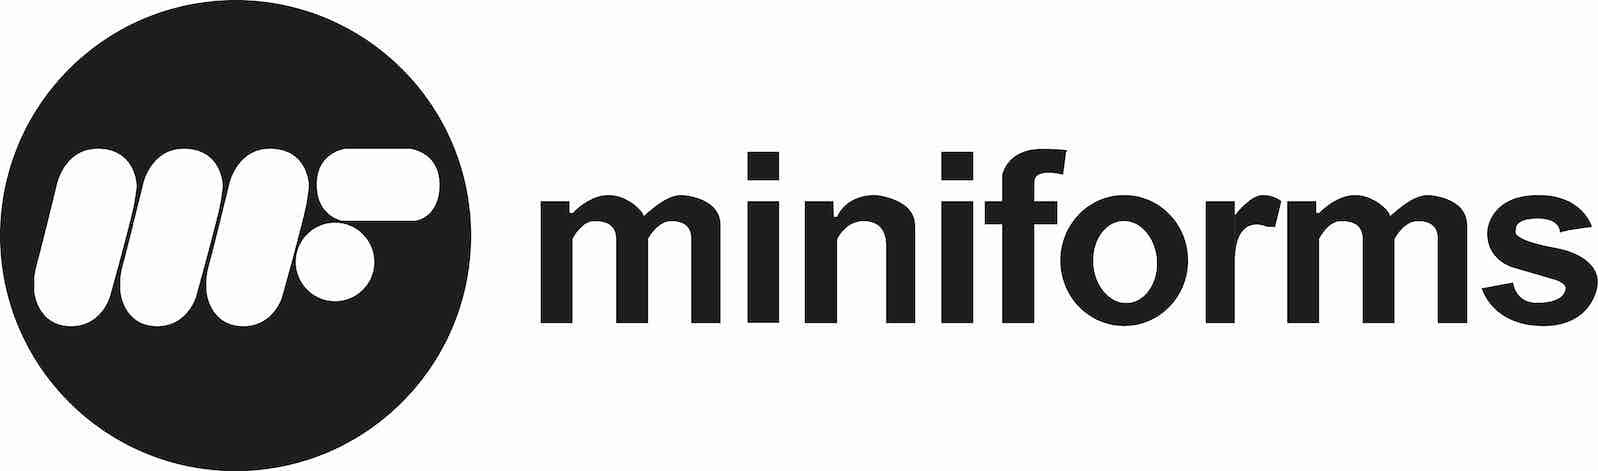 Miniforms